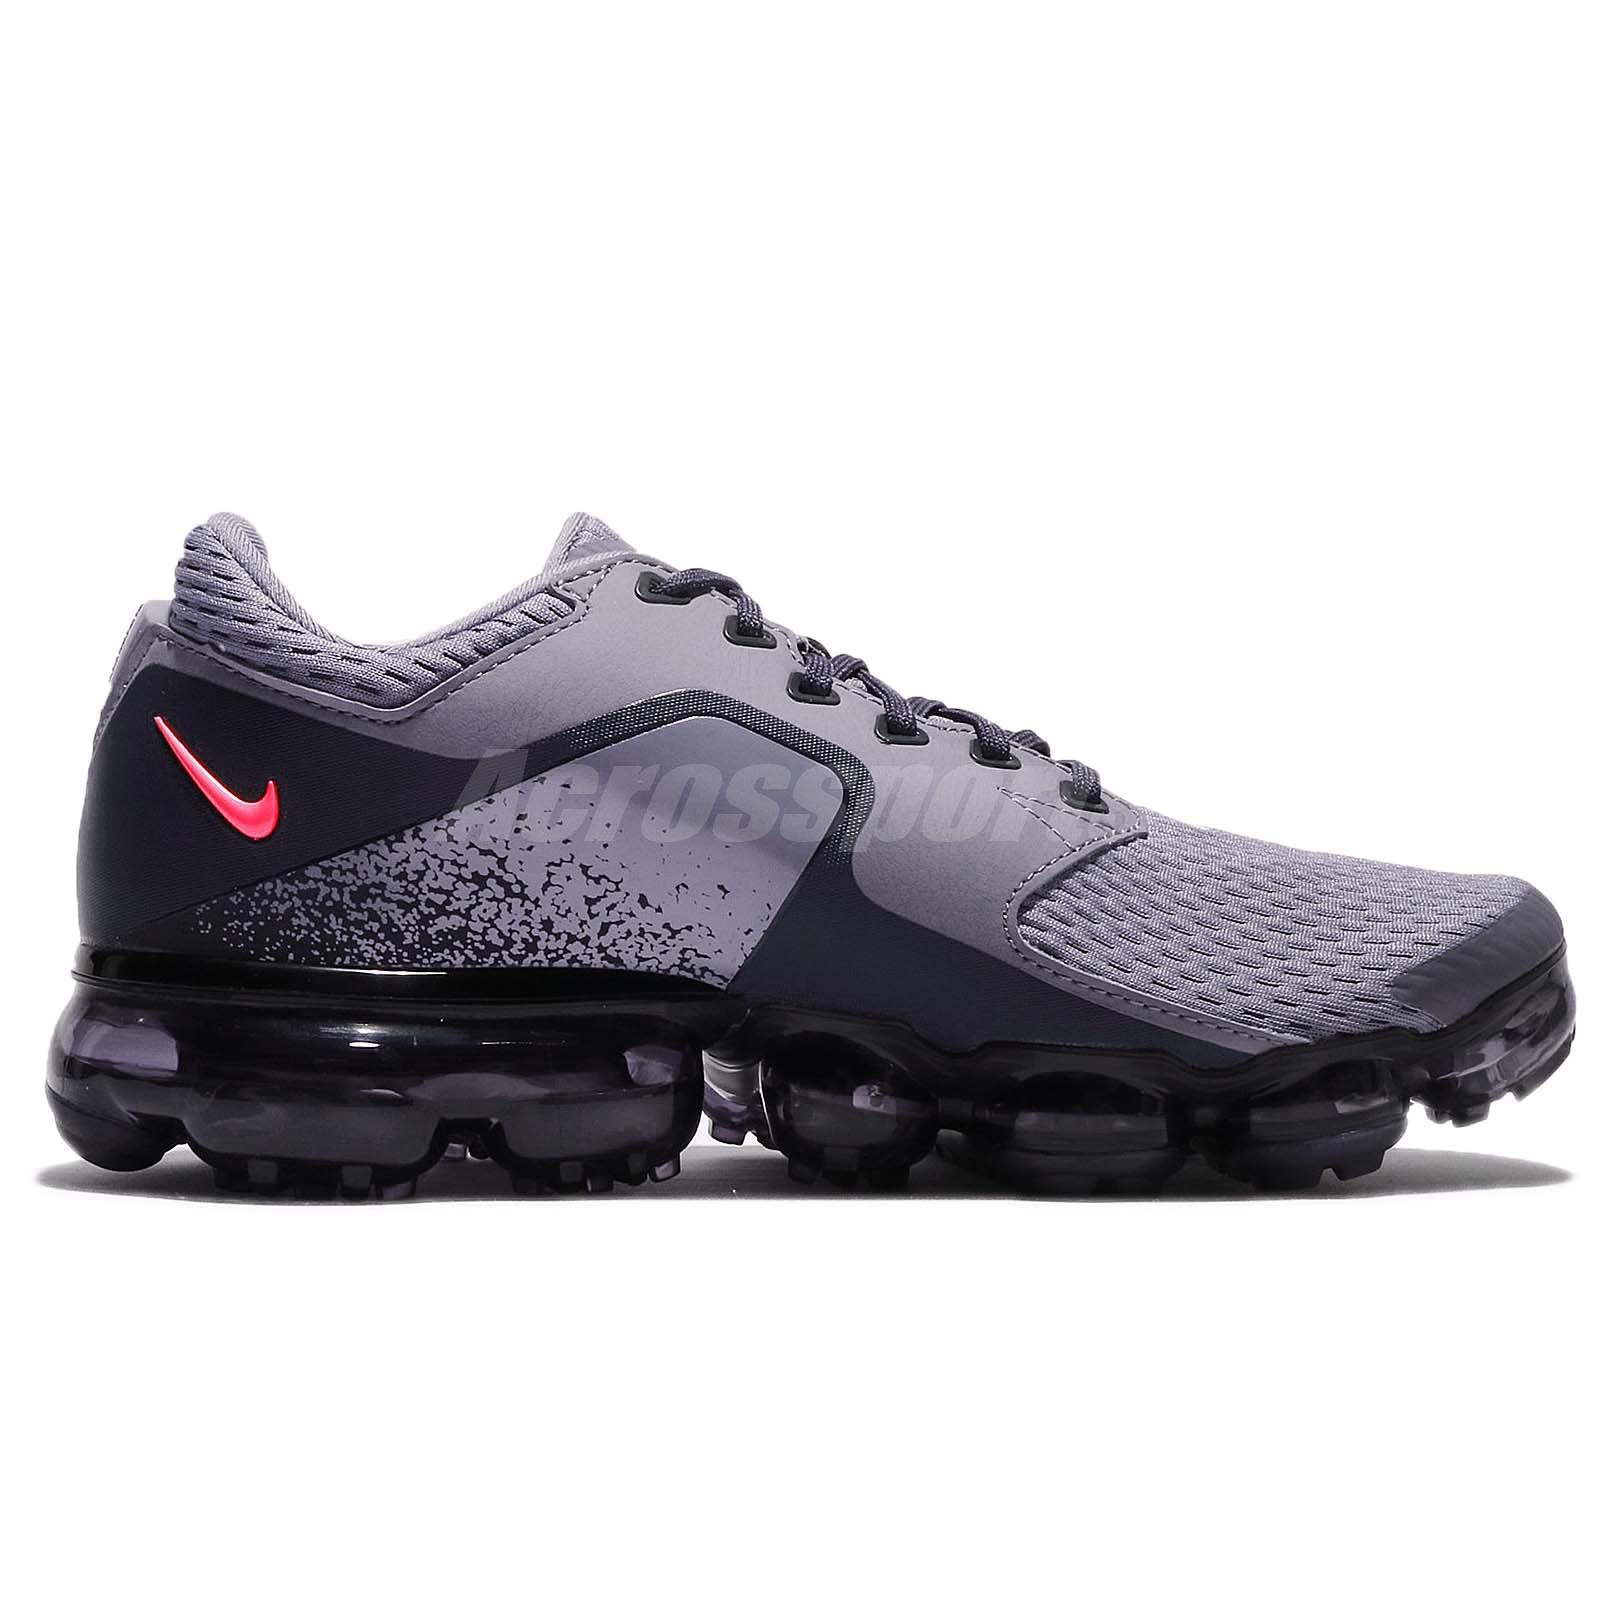 356a42de74 Nike Air Vapormax GS Dark Sky Blue Pink Kid Women Running Shoes ...